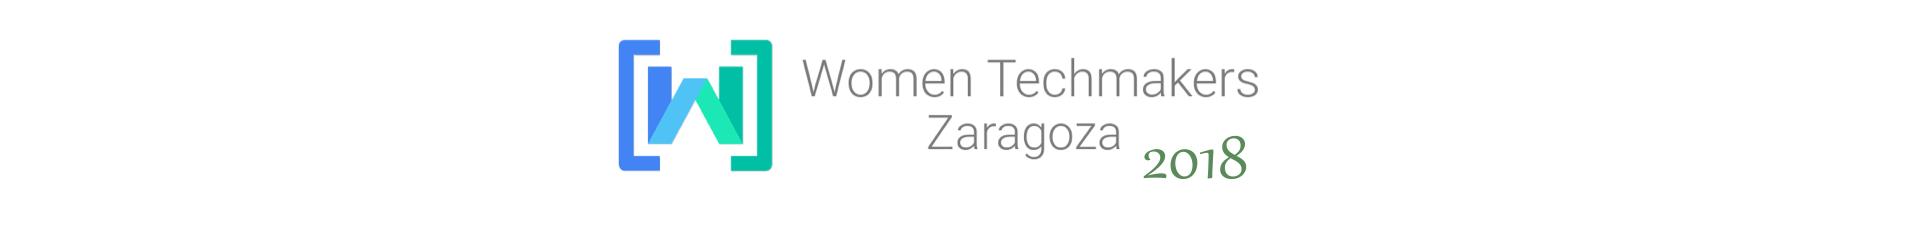 WTM Zaragoza 2018